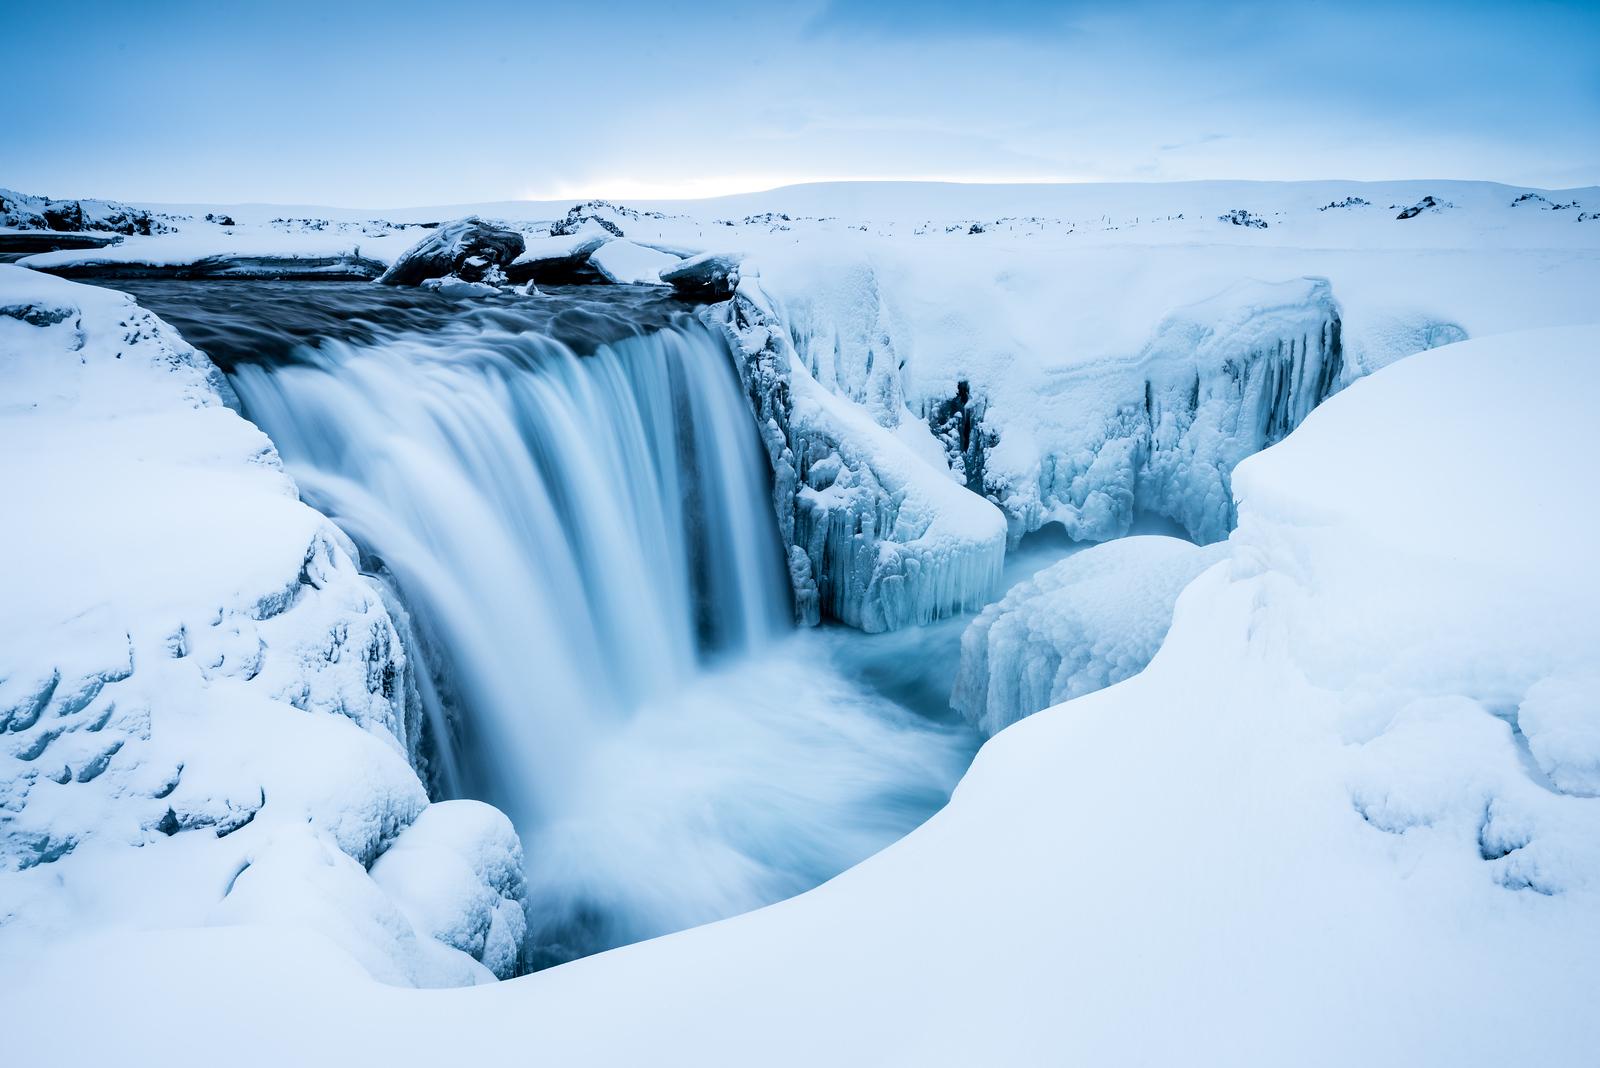 Splendor of Winter